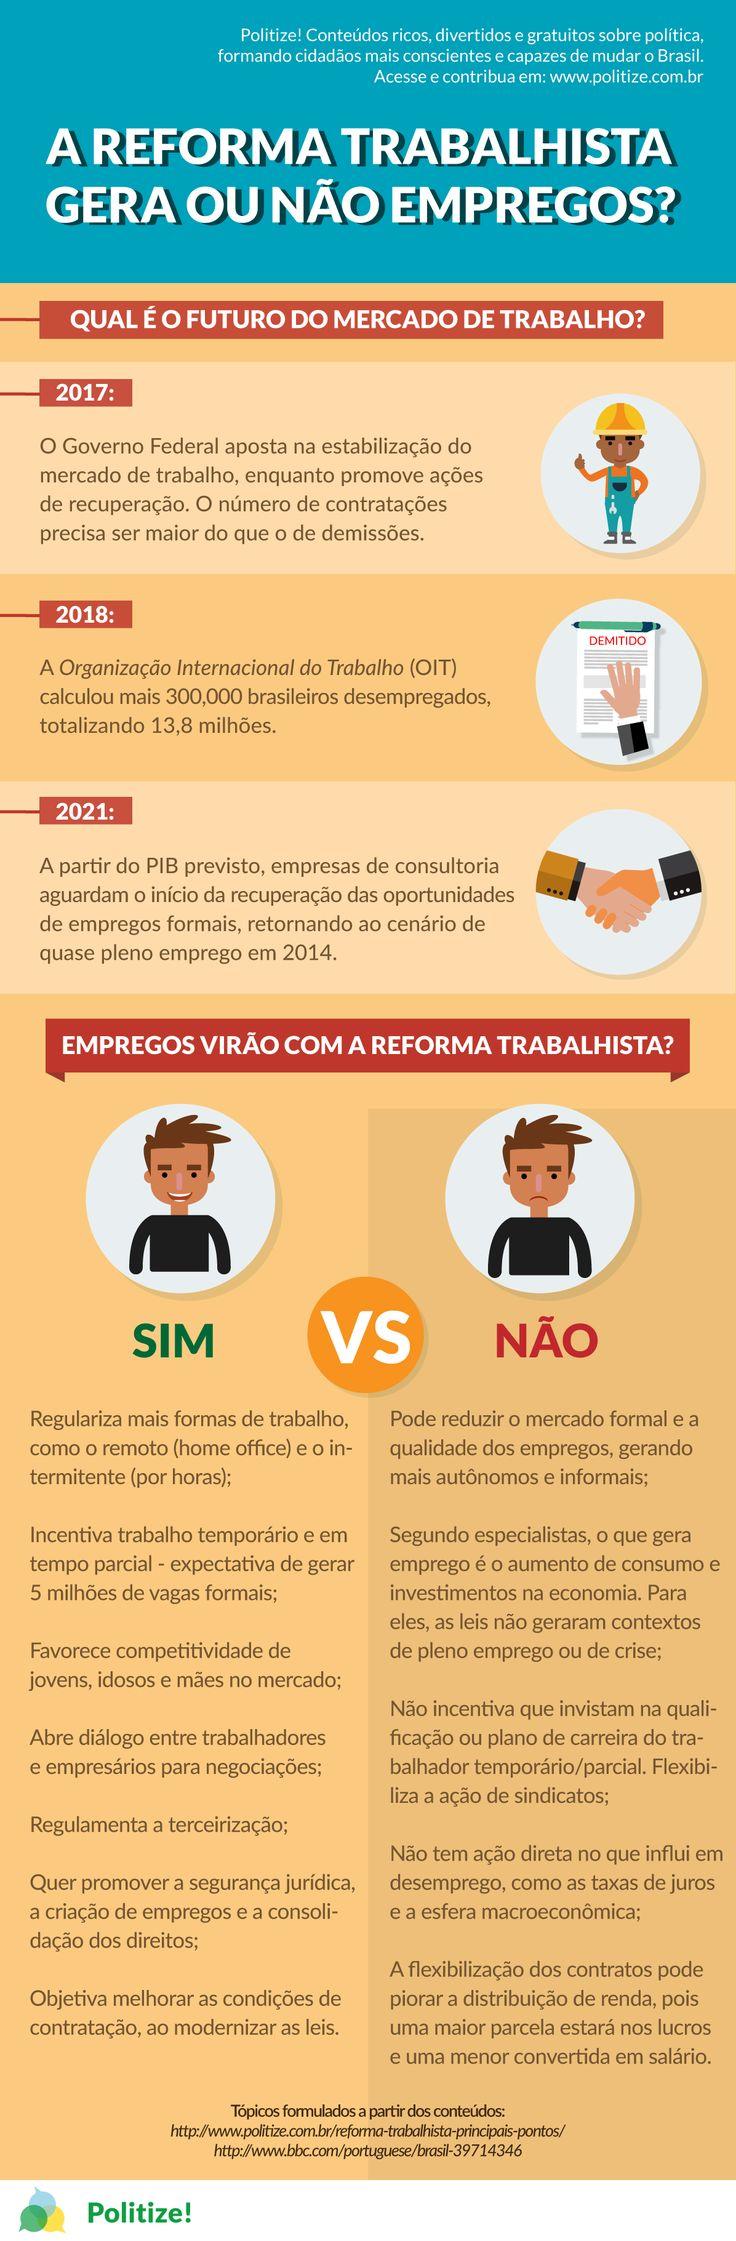 Vamos entender como a Reforma Trabalhista ajudaria a gerar empregos no Brasil (ou não)? No conteúdo completo discorremos sobre os principais pontos para entender o desemprego no país, confira!